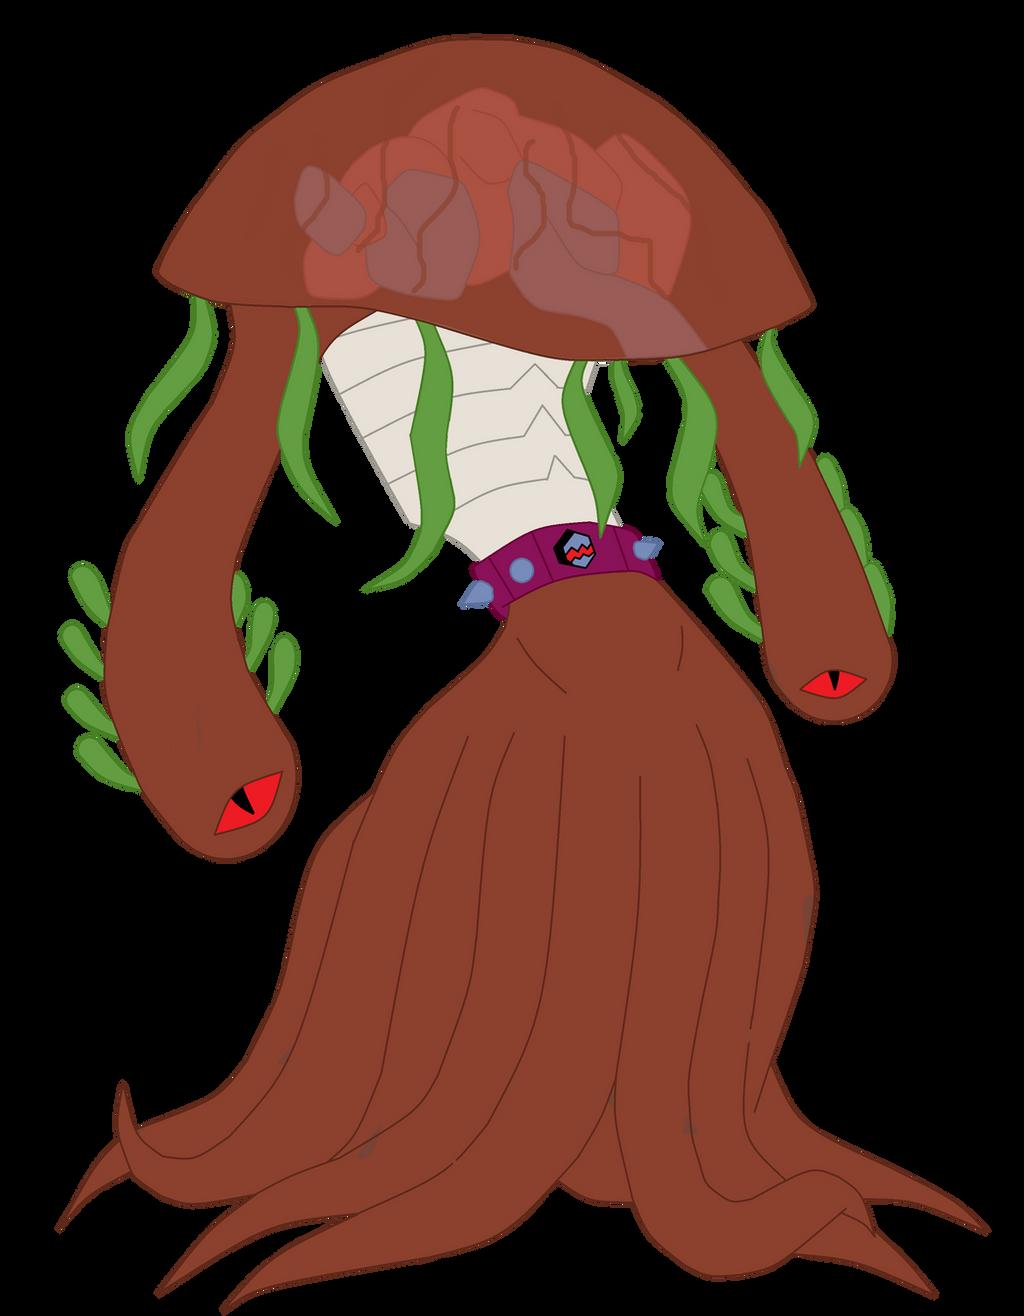 Nemitrix predator: Jellysting by TheWalrusclown